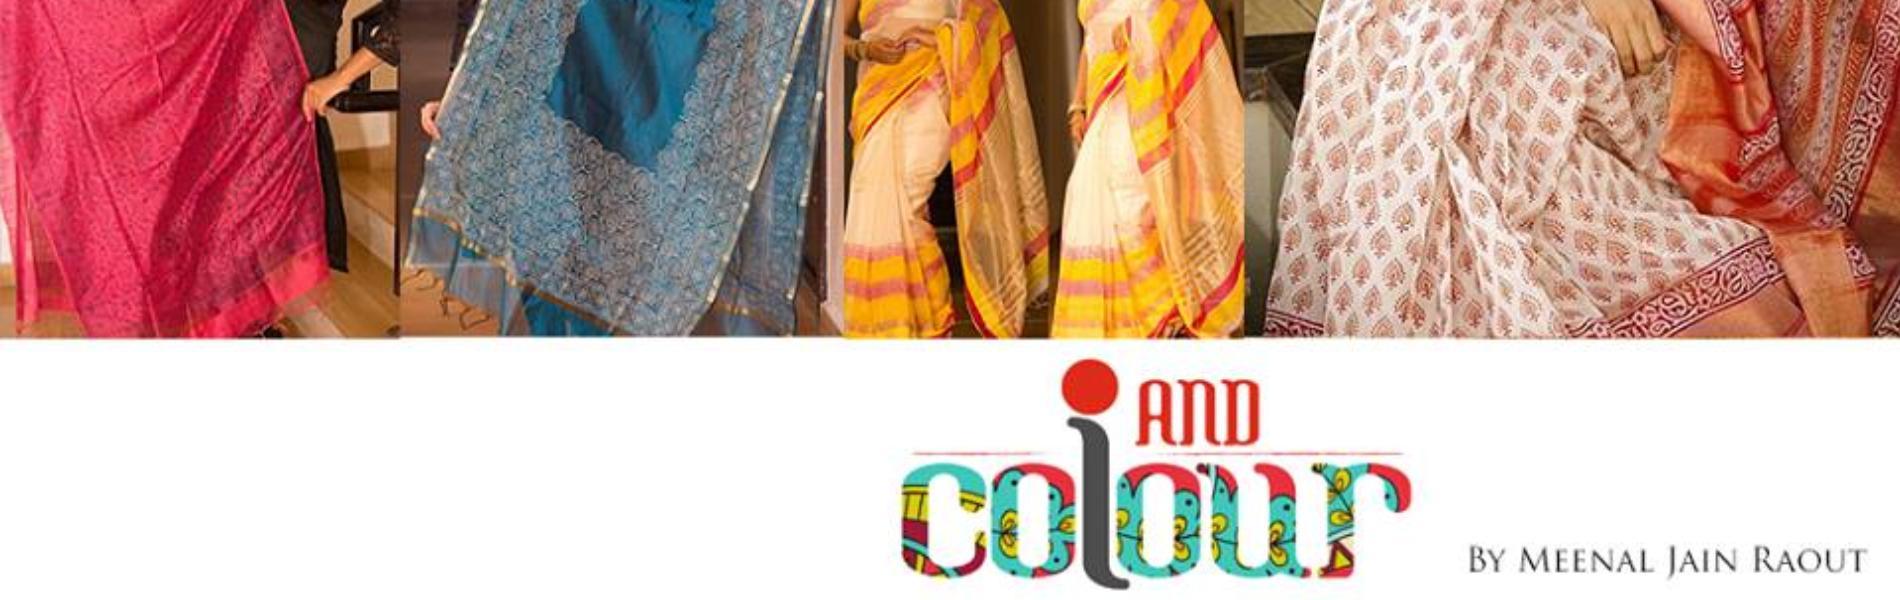 I and Colour